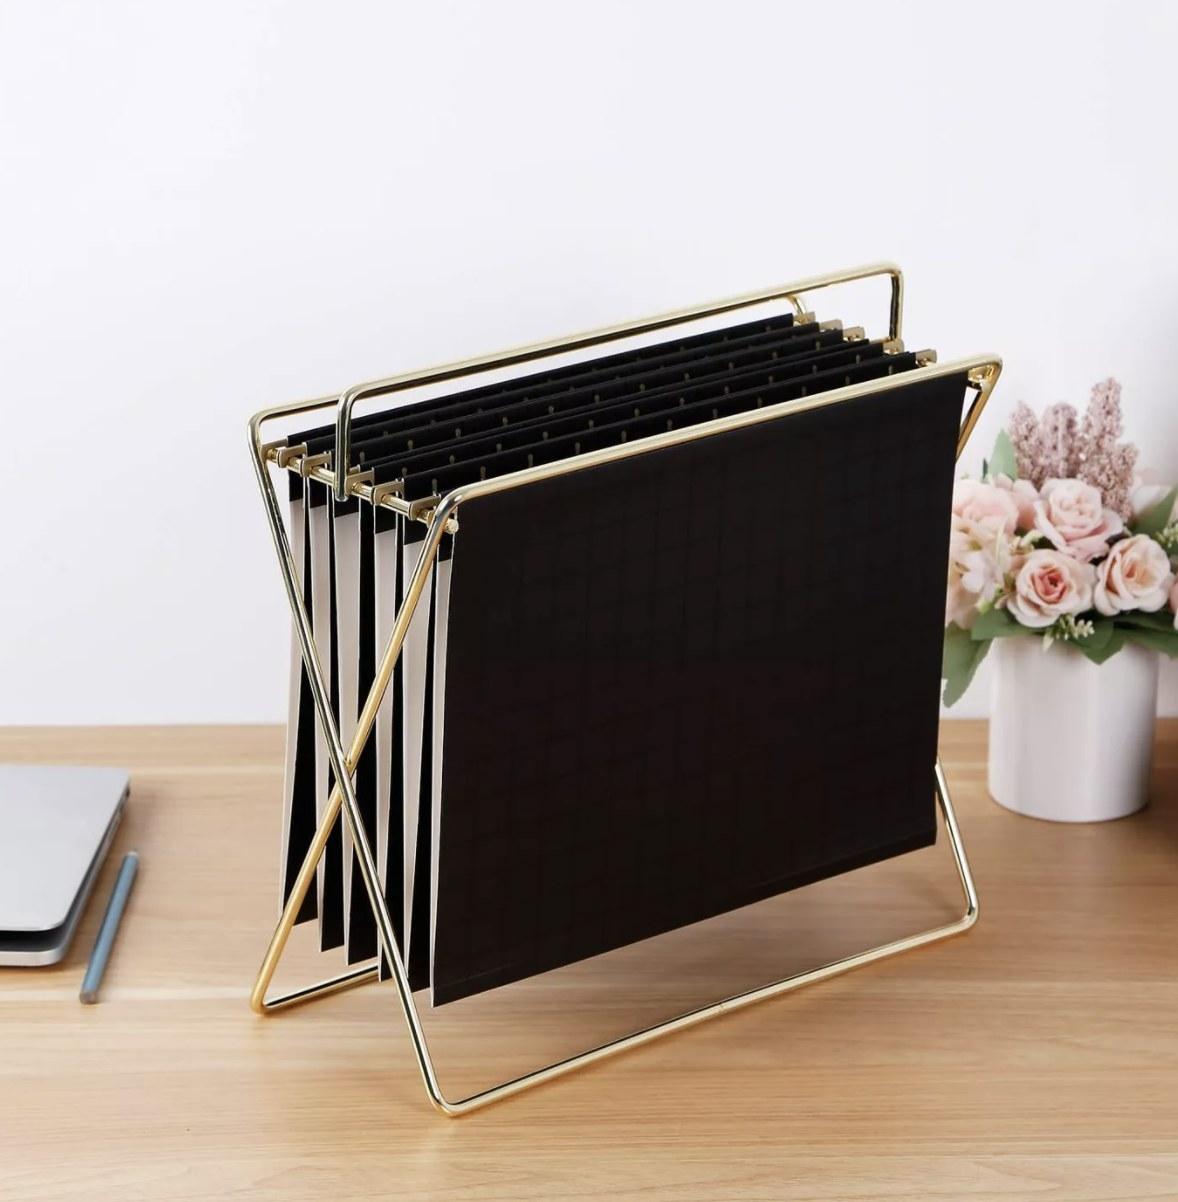 Gold file holder with black hanging folders